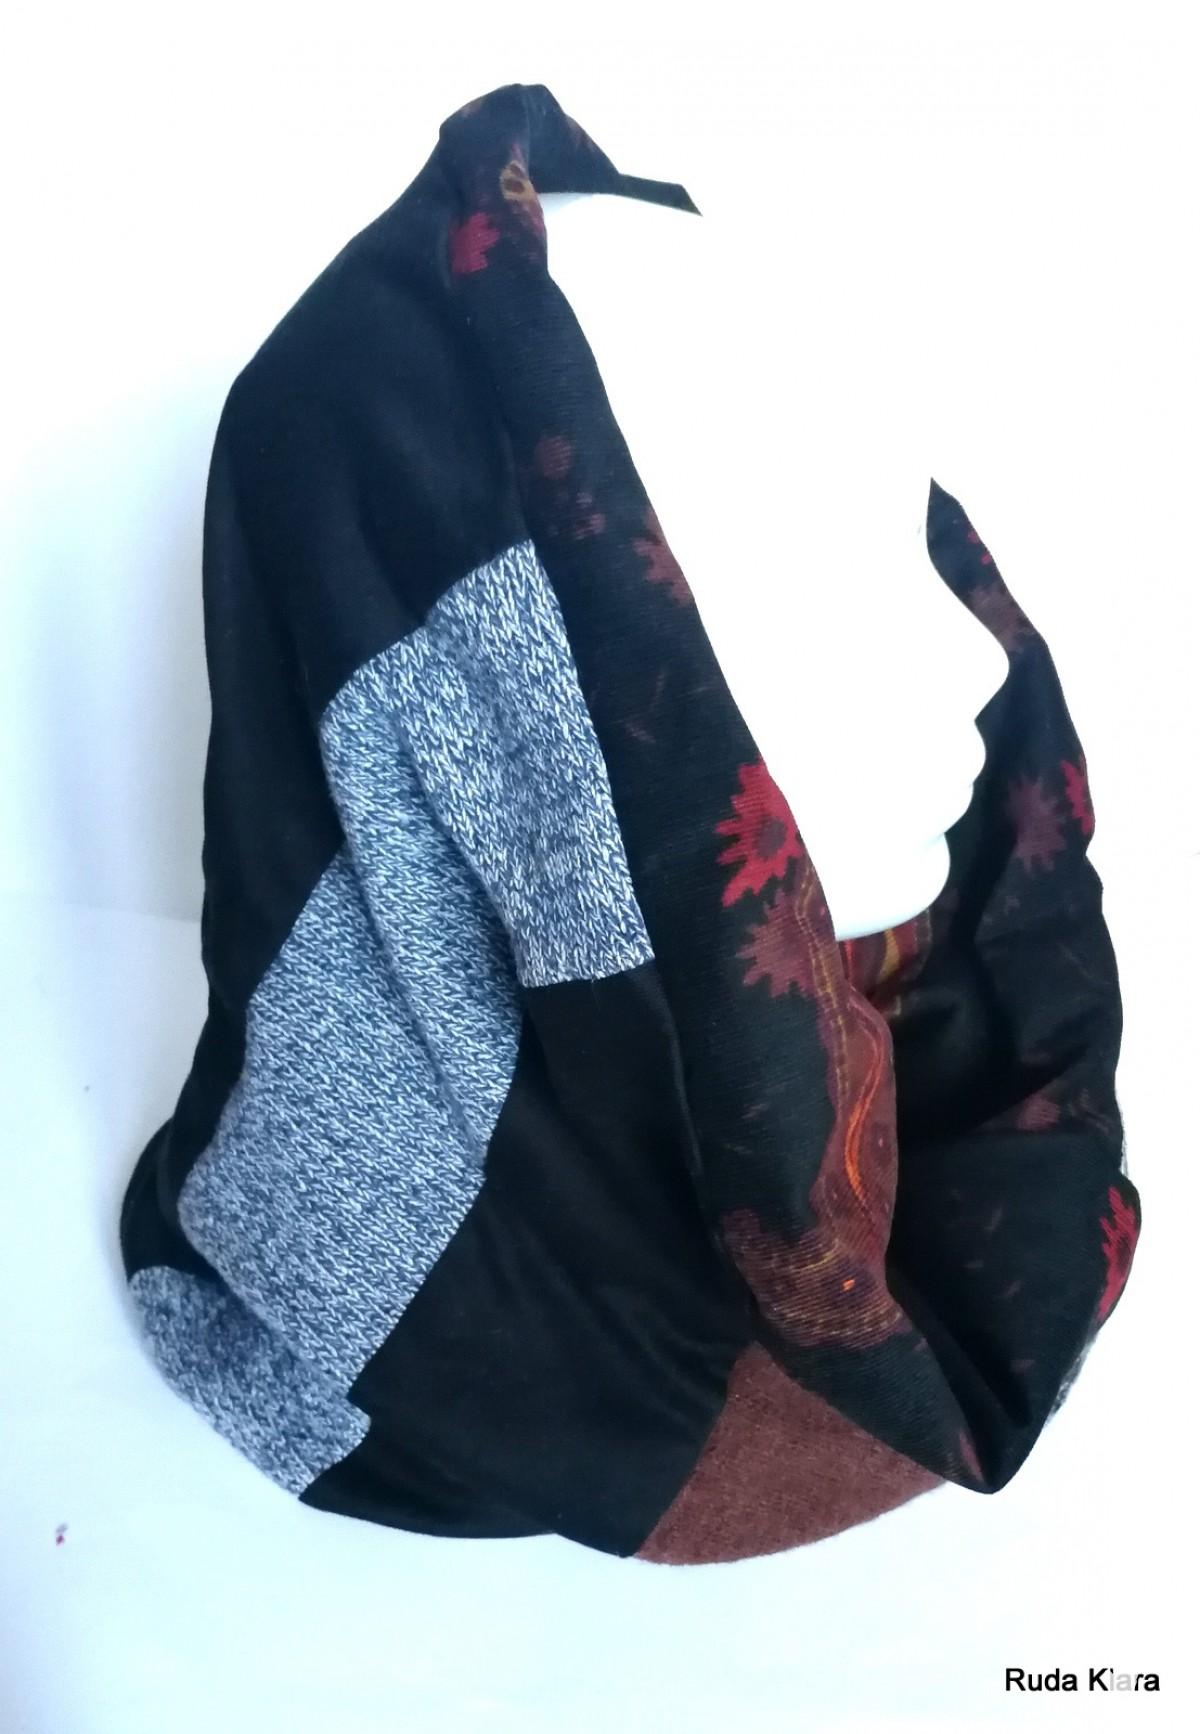 komin patchworkowy pojedynczy egzemplarz damski handmade